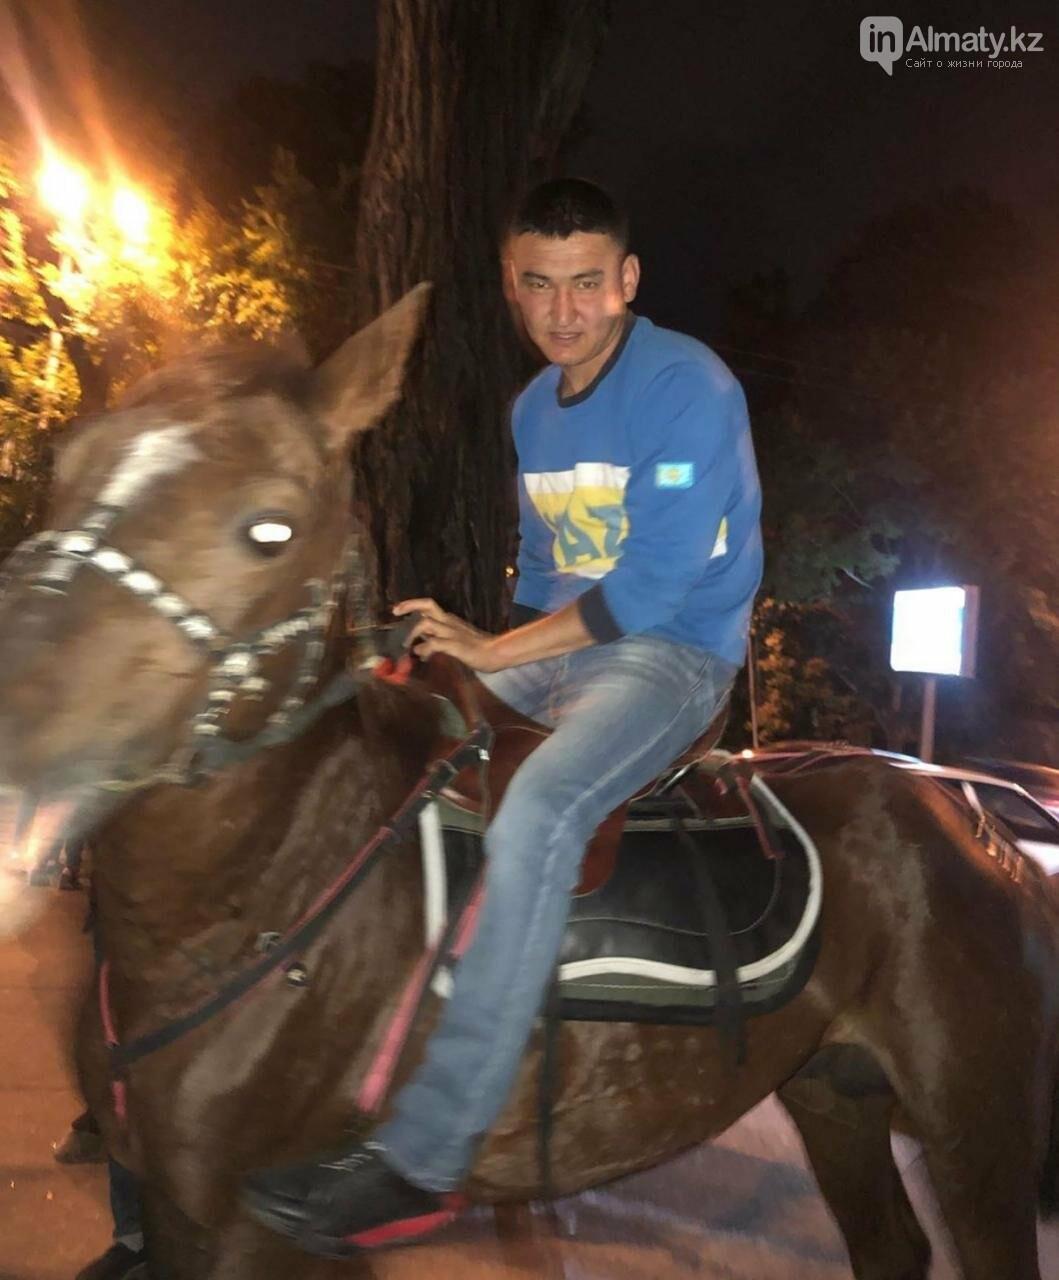 """Истощённых лошадей заметили за """"работой"""" у ночного клуба в Алматы , фото-1"""